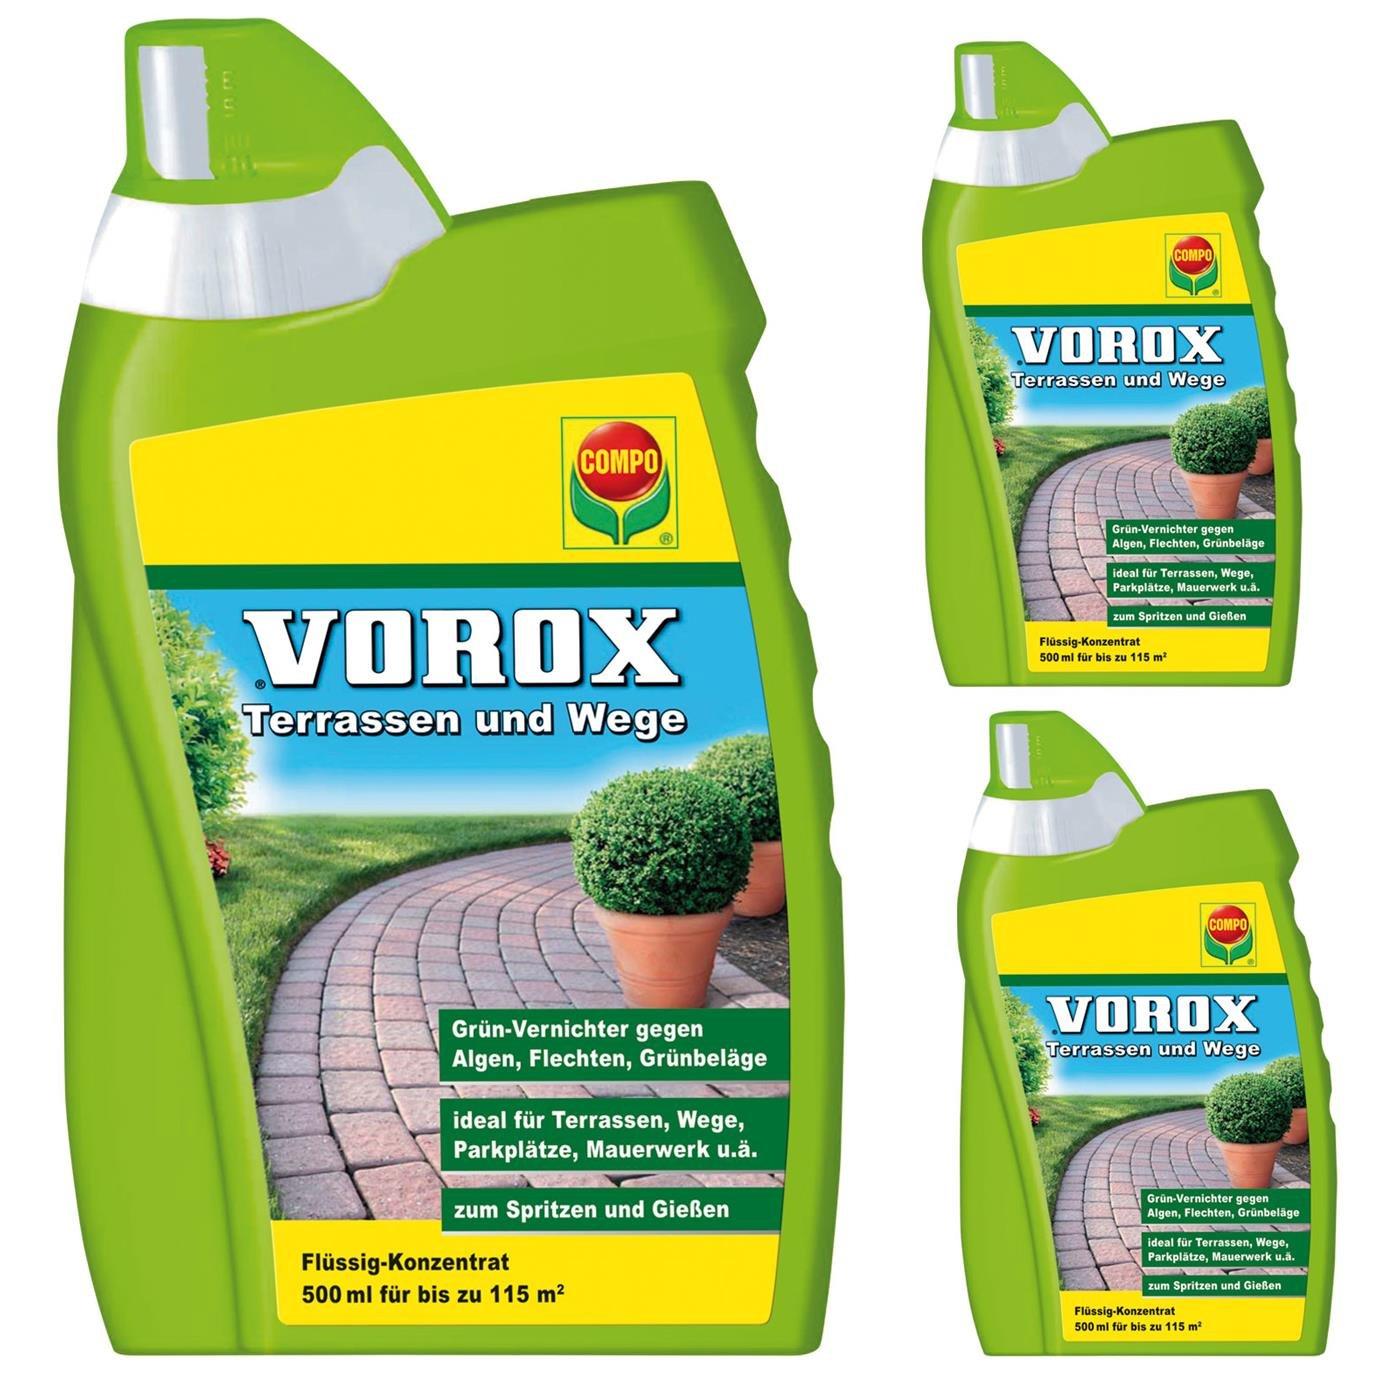 Compo VOROX Terrassen- und Wege Frei Gardopia Sparpakete + Zeckenzange mit Lupe (3 x 500 ml)